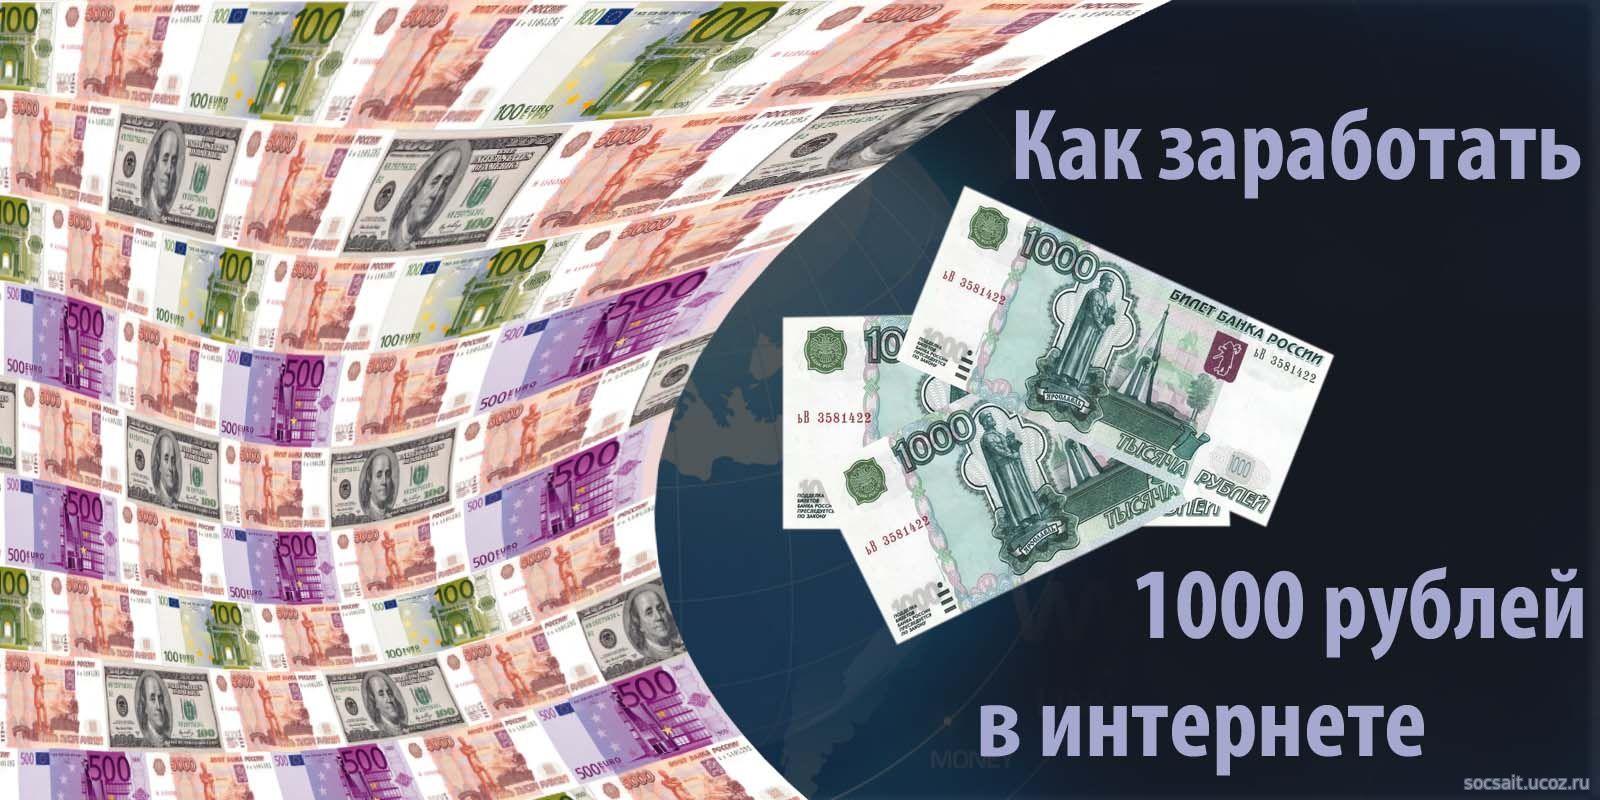 Сколько стоит грамм золота - SkupkaKievcom